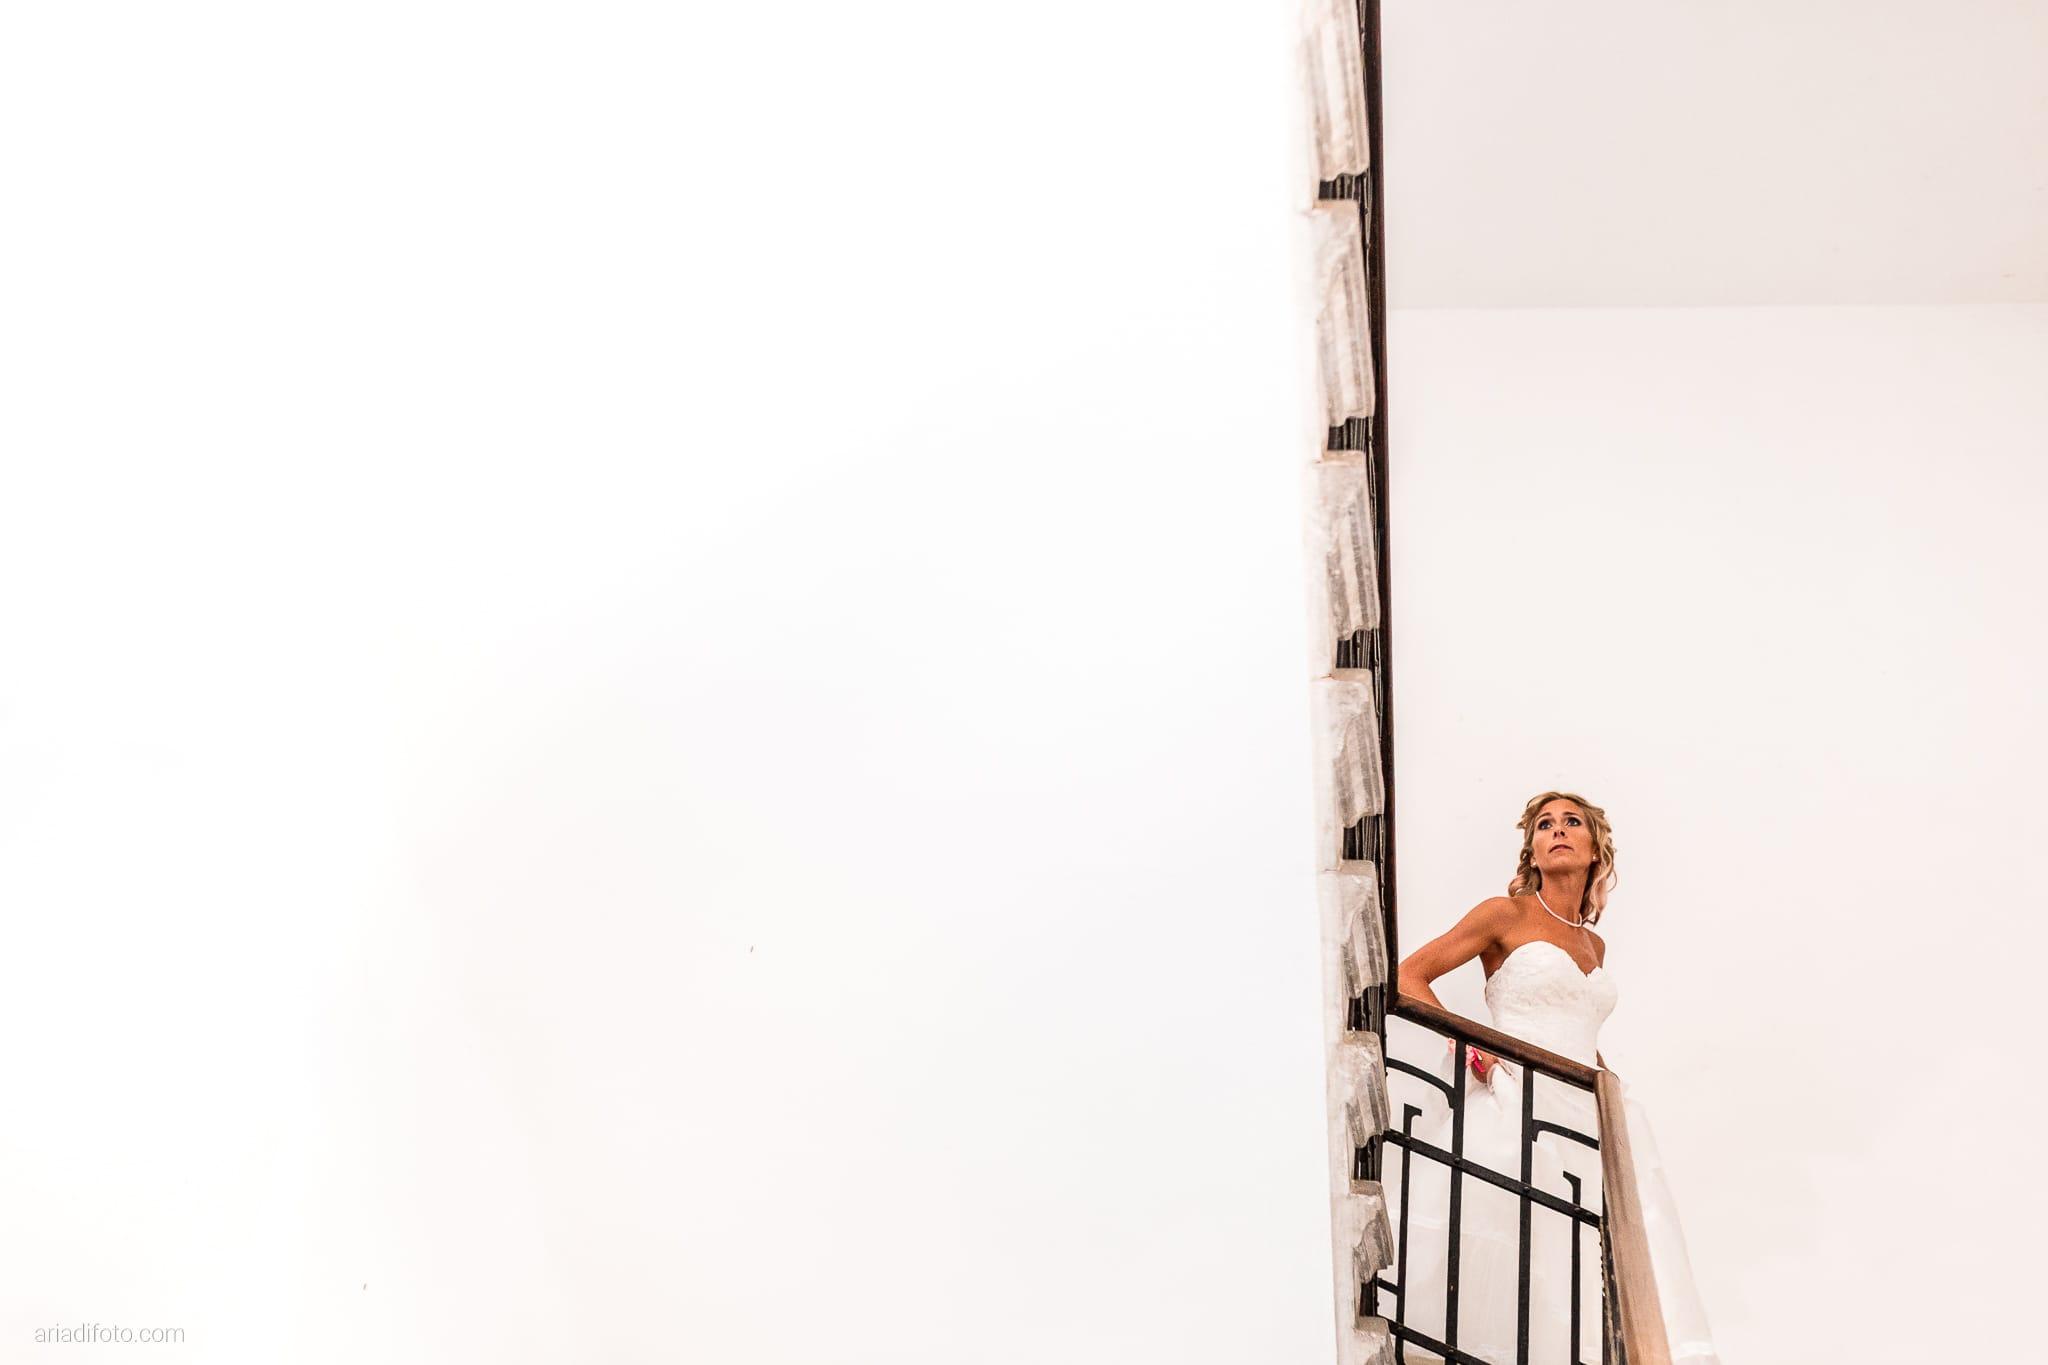 Nicoletta Pierfrancesco Matrimonio Gorizia Villa Attems Lucinico preparativi sposa scale